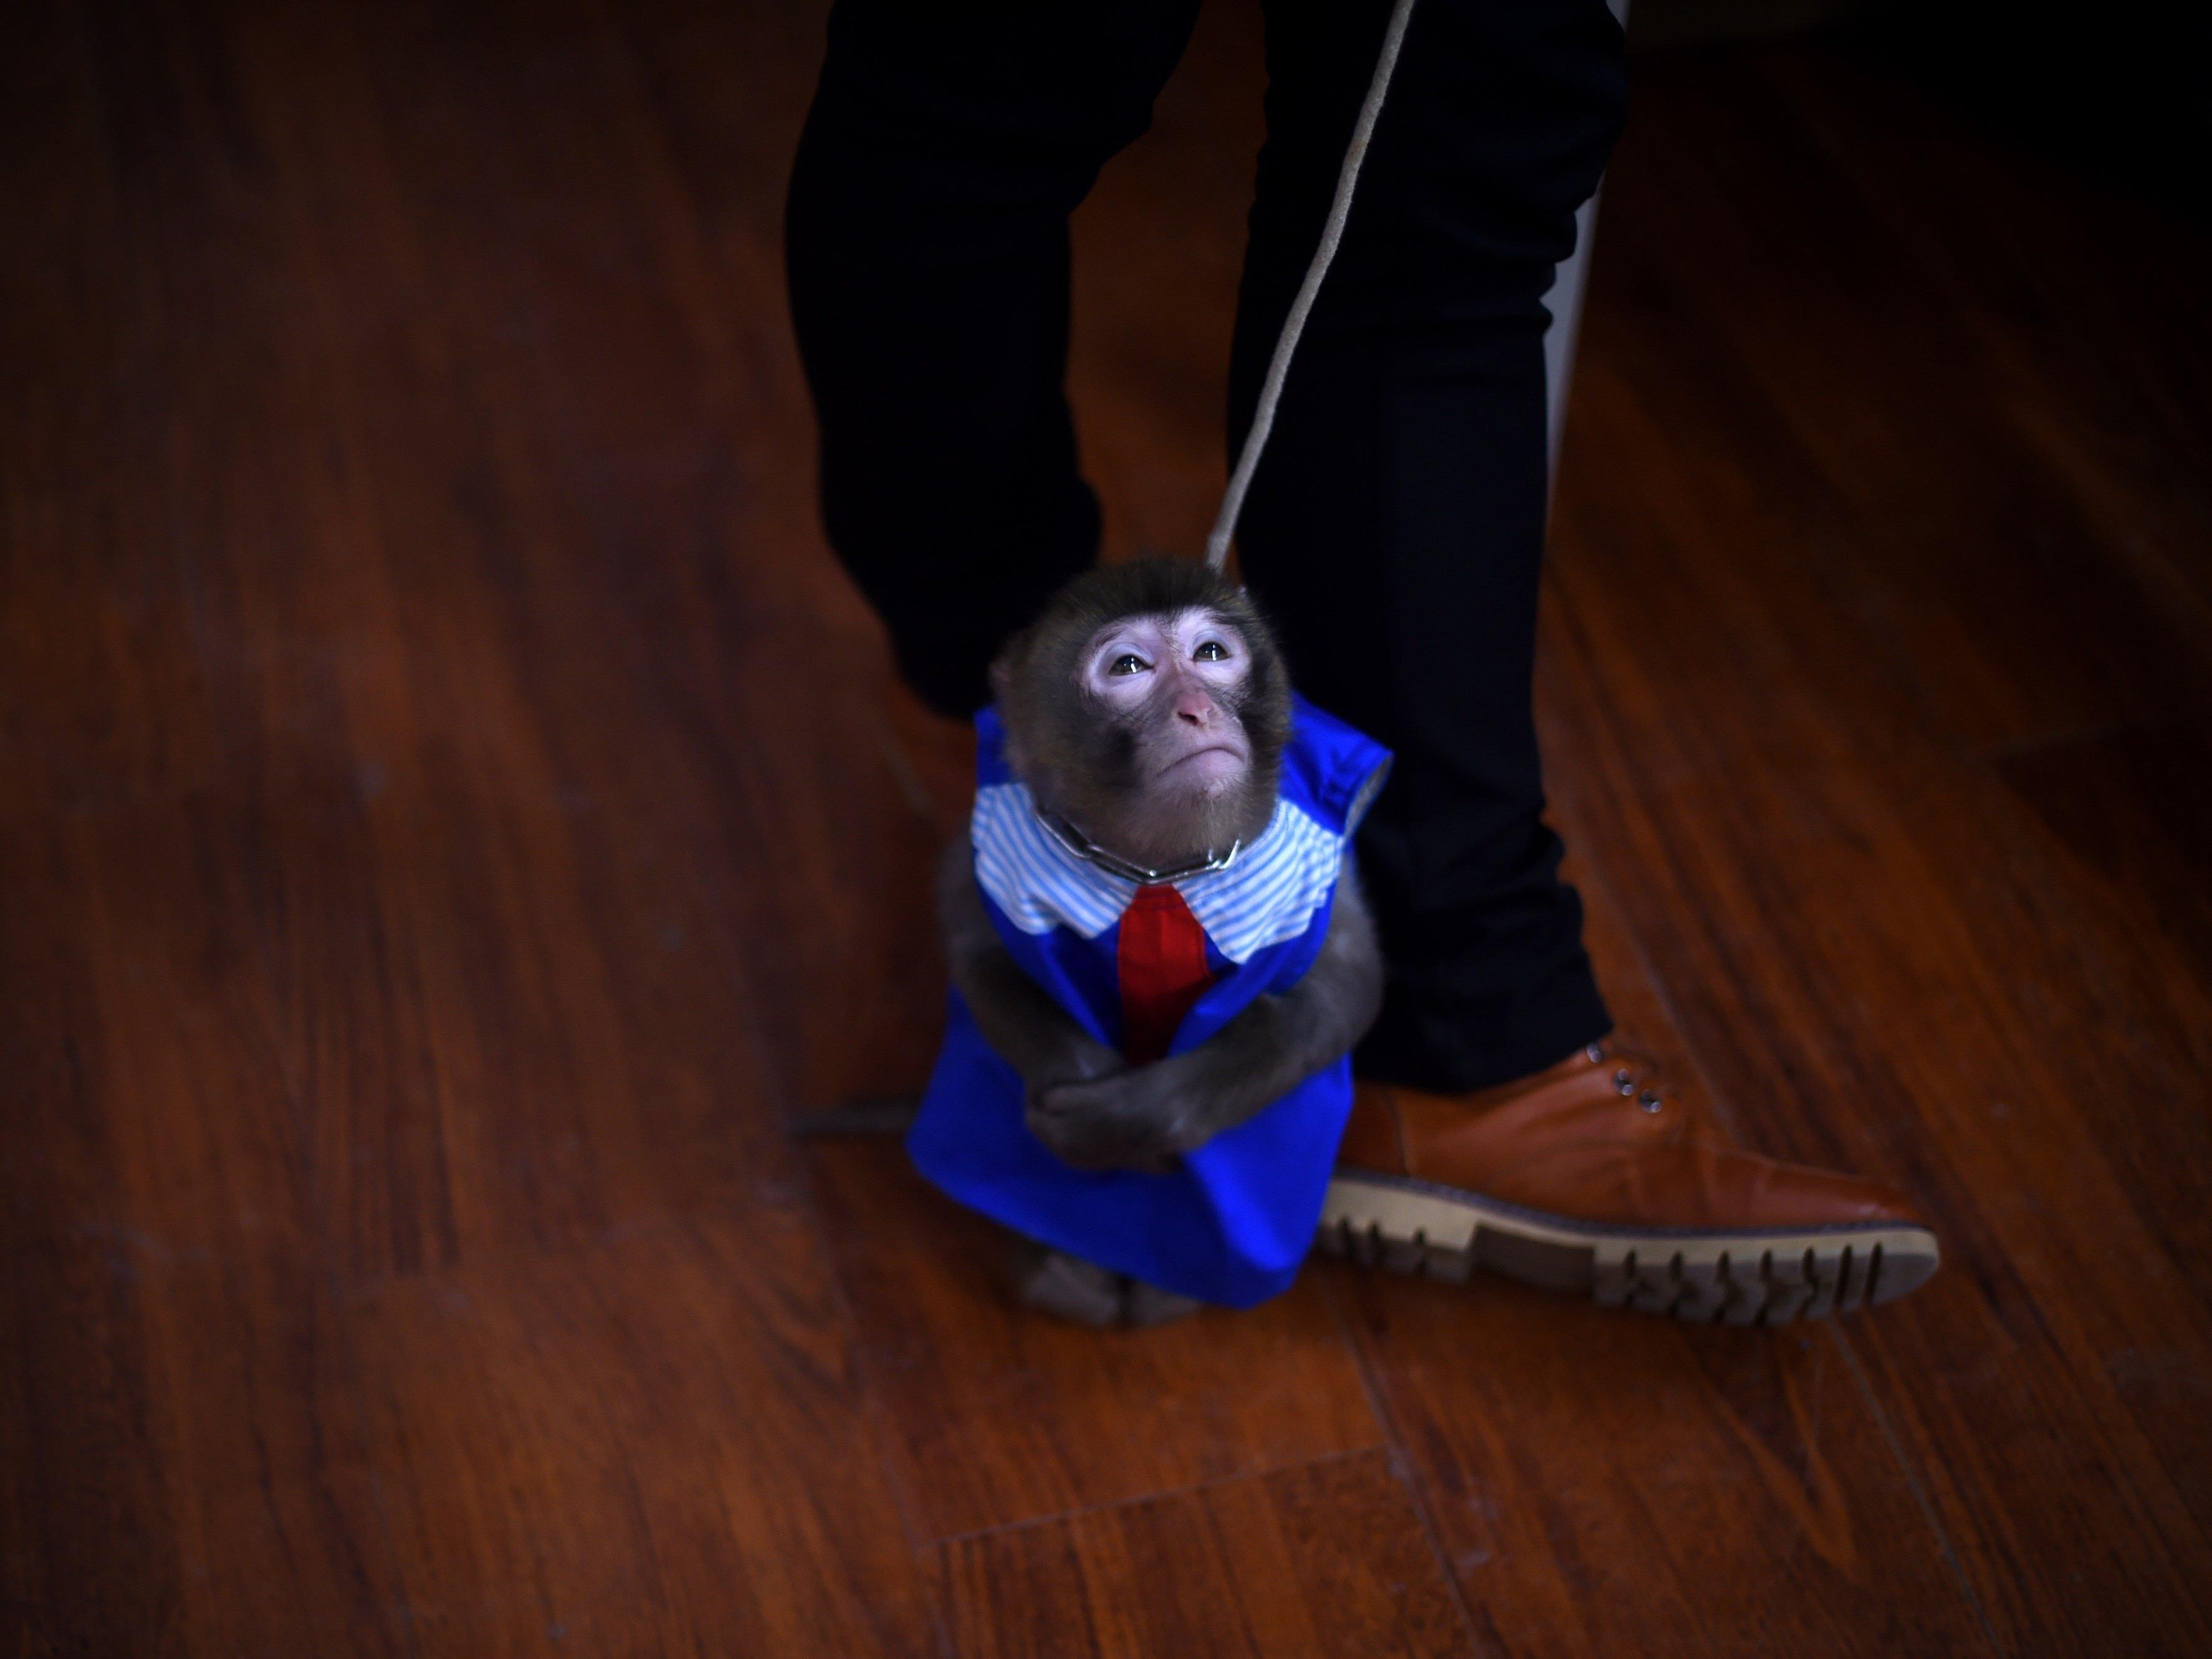 Jahr des Affen: Anlässlich der Festlichkeiten werden in China seit letzten Jahr tausende Affen trainiert.